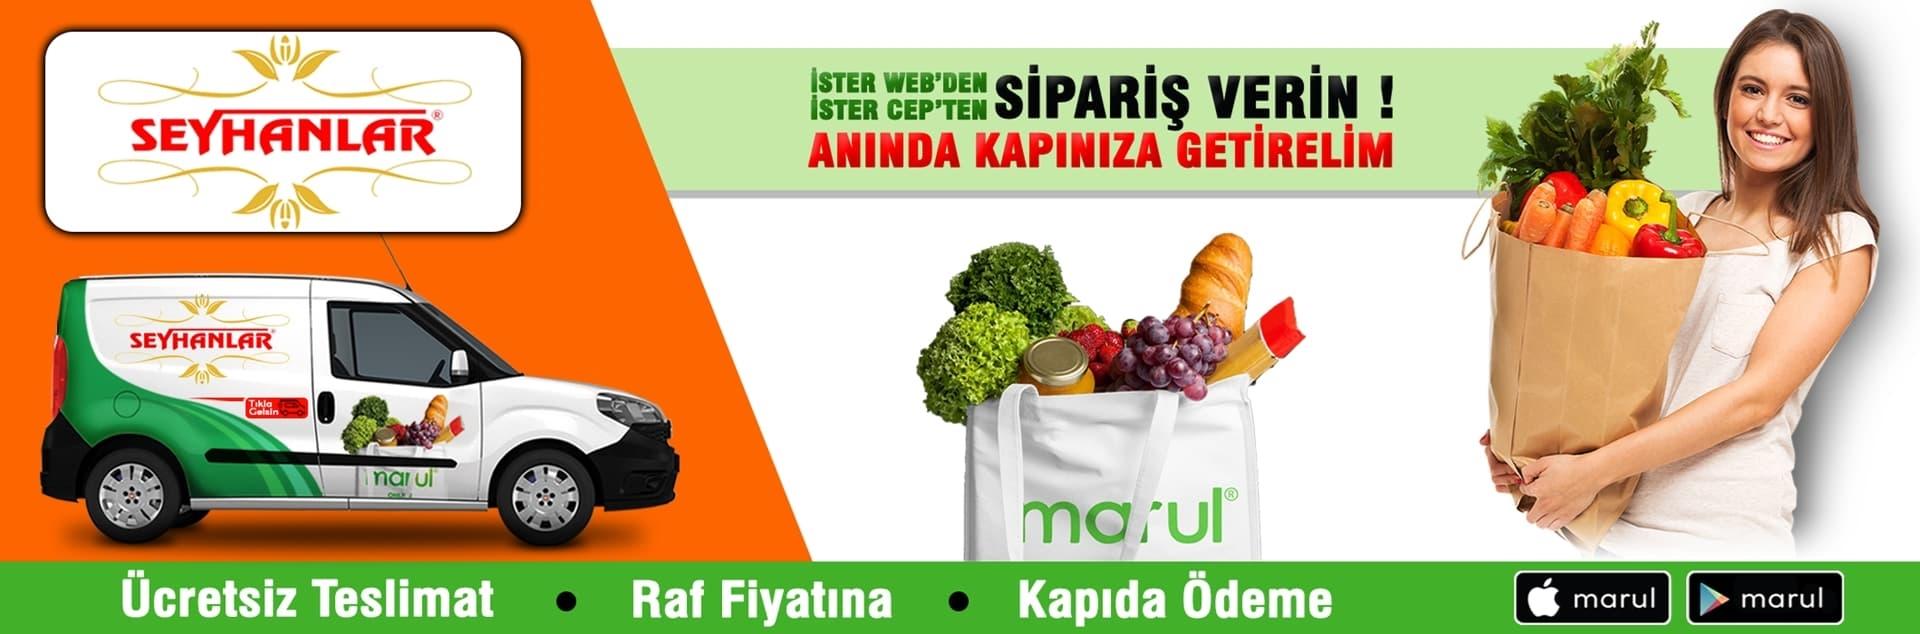 seyhanlar market sondurak şubesi online market siparişi